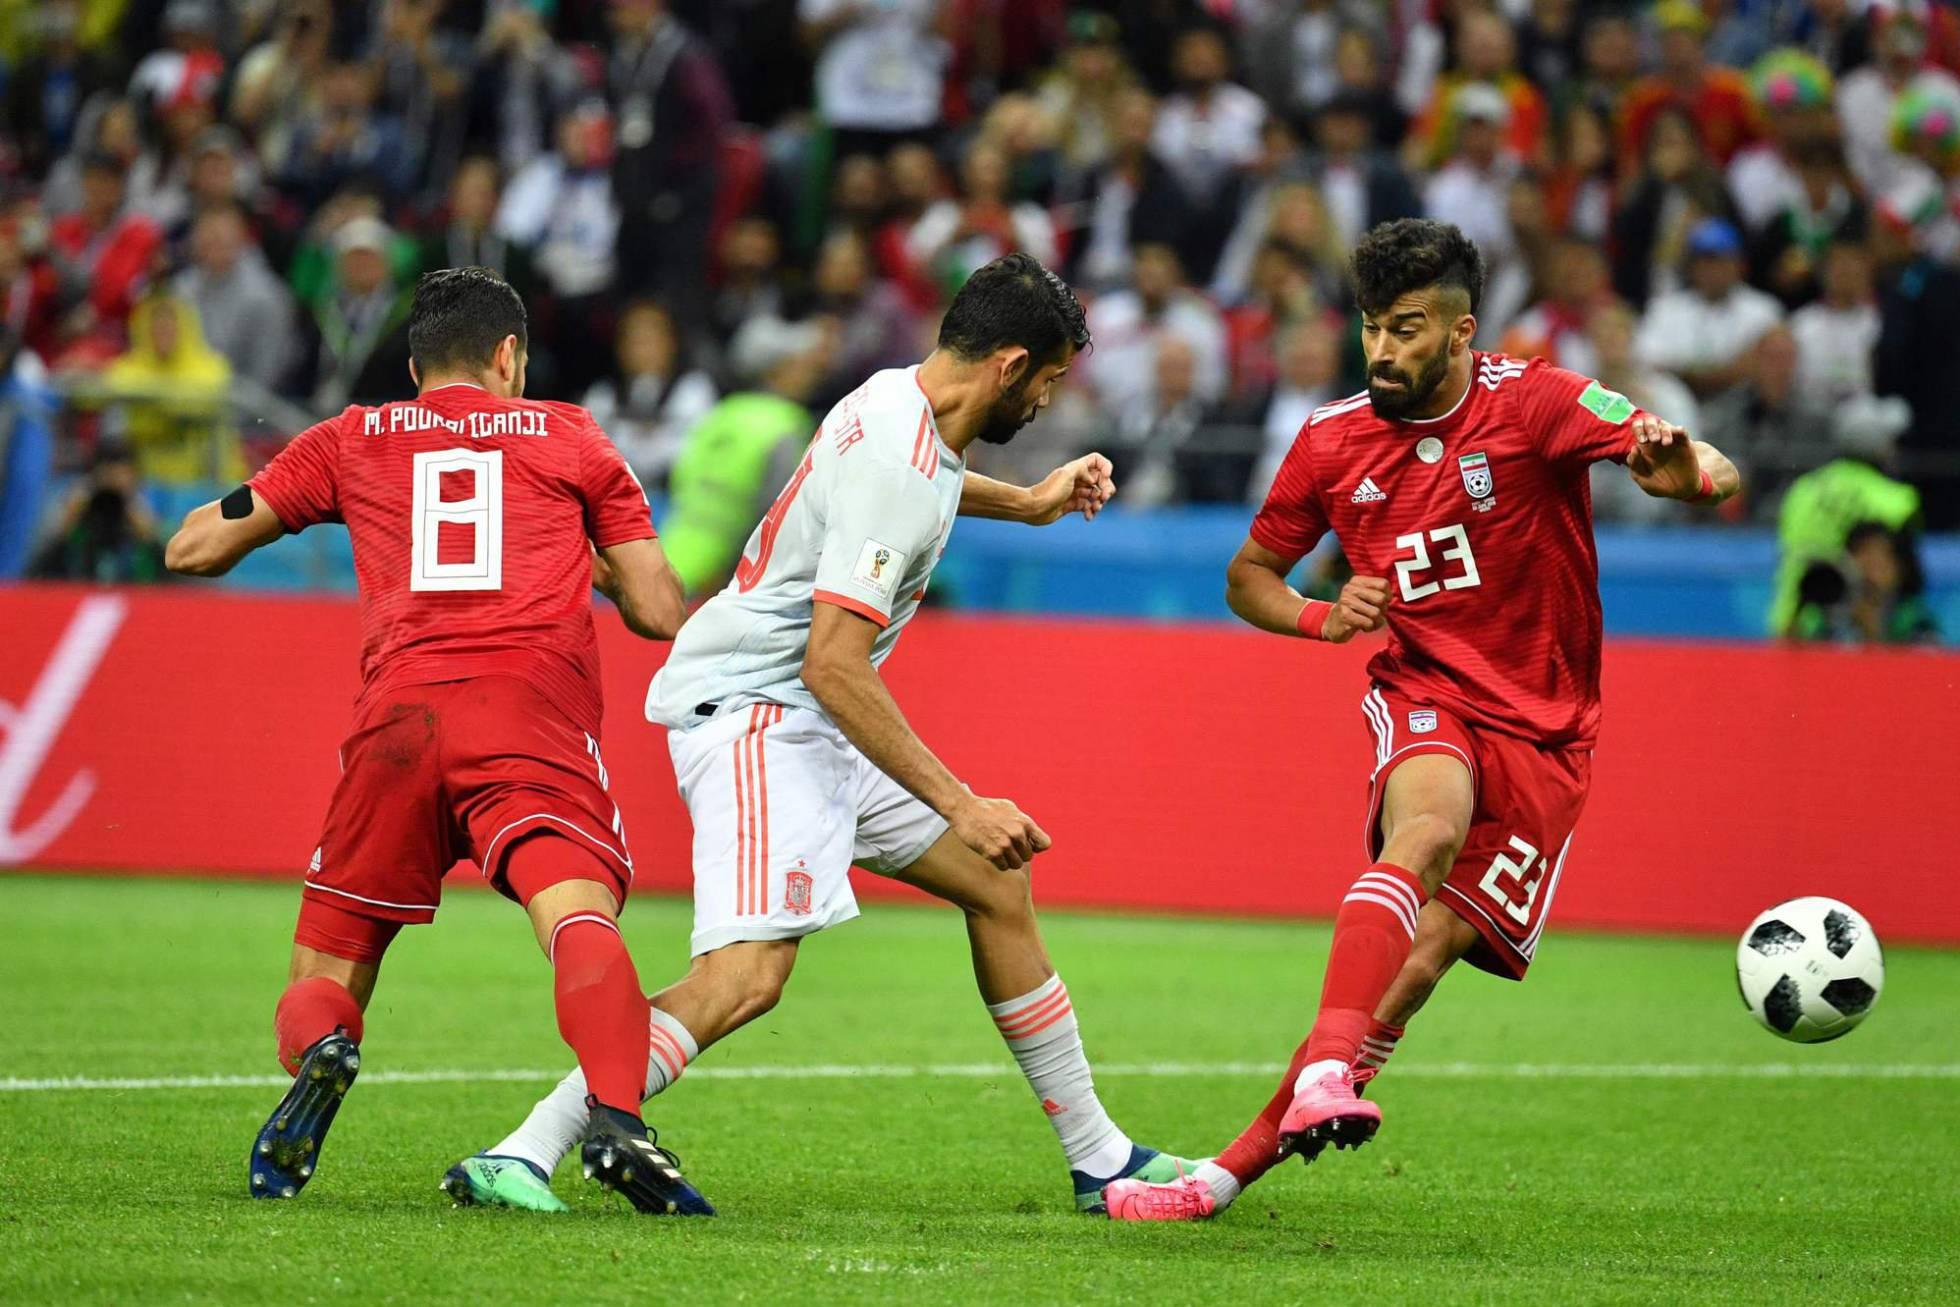 España gana a Irán de rebote y con el VAR